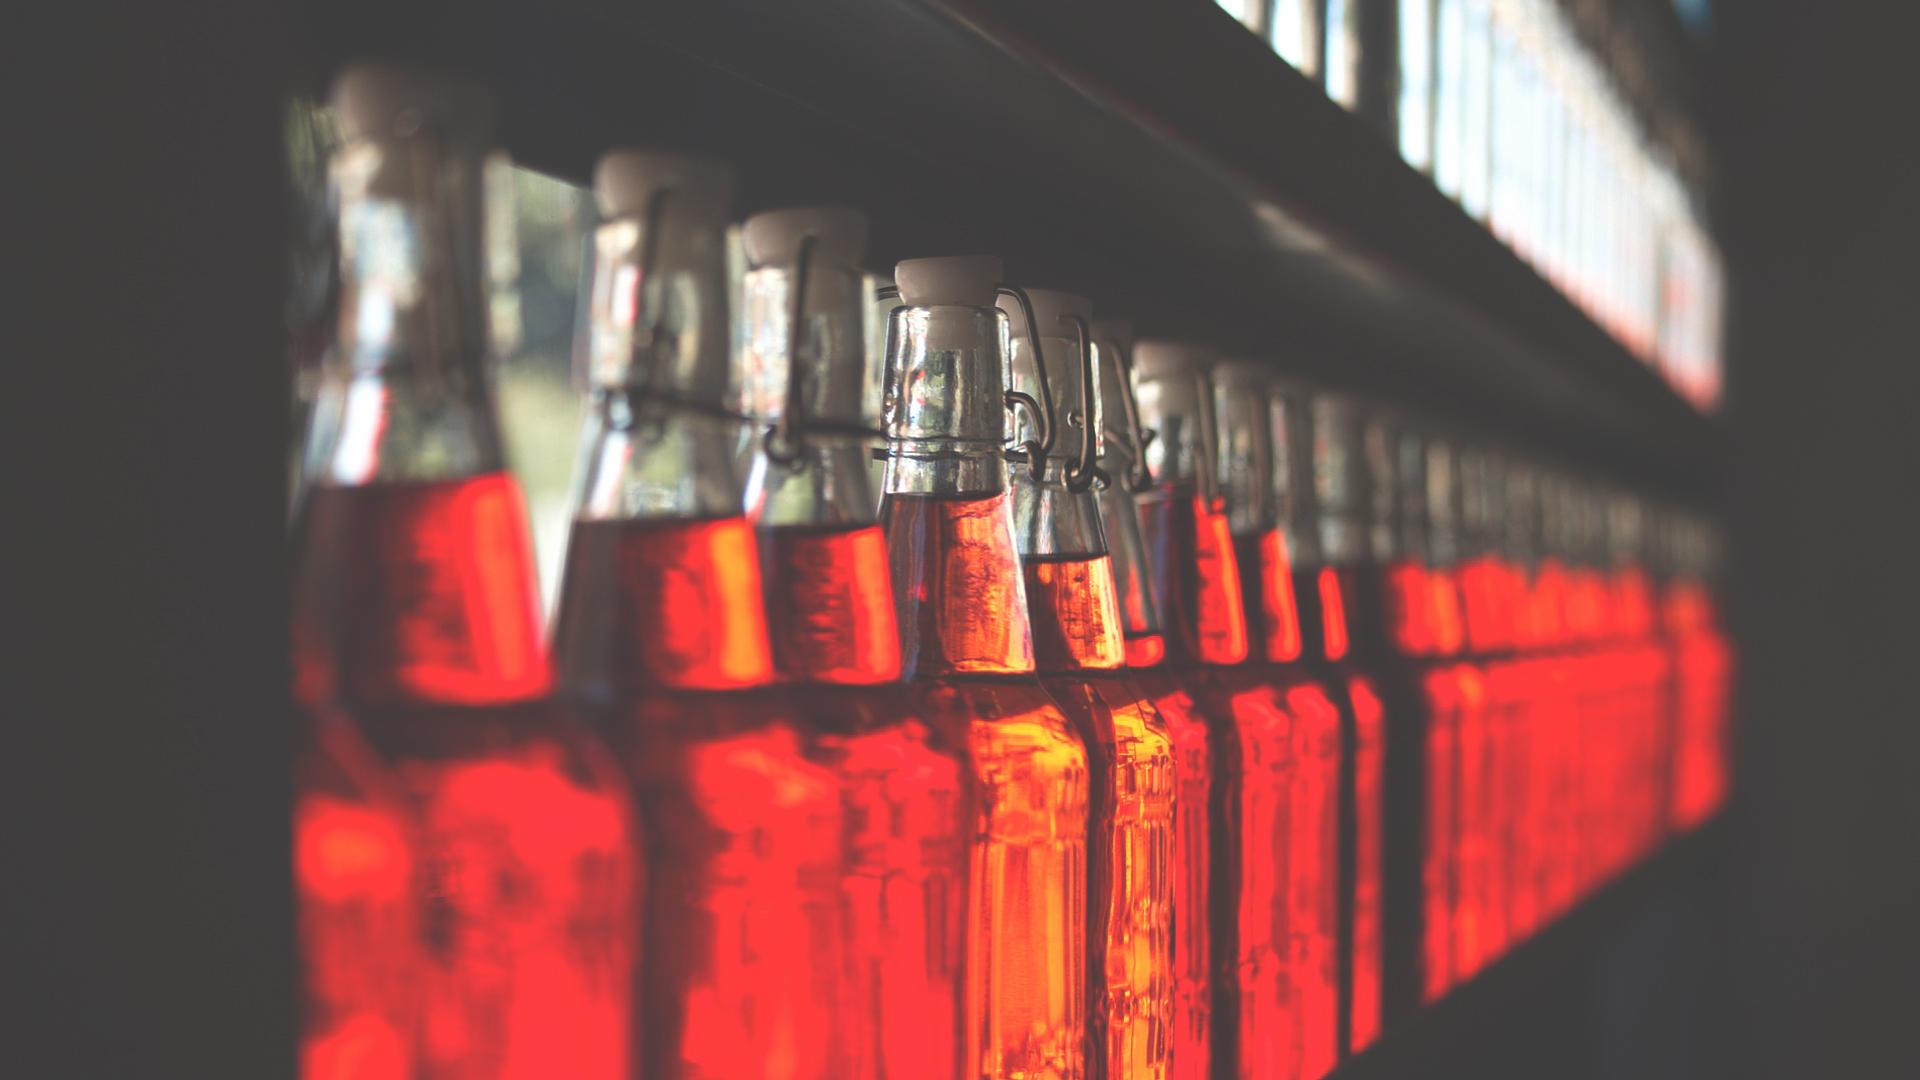 Red bottles